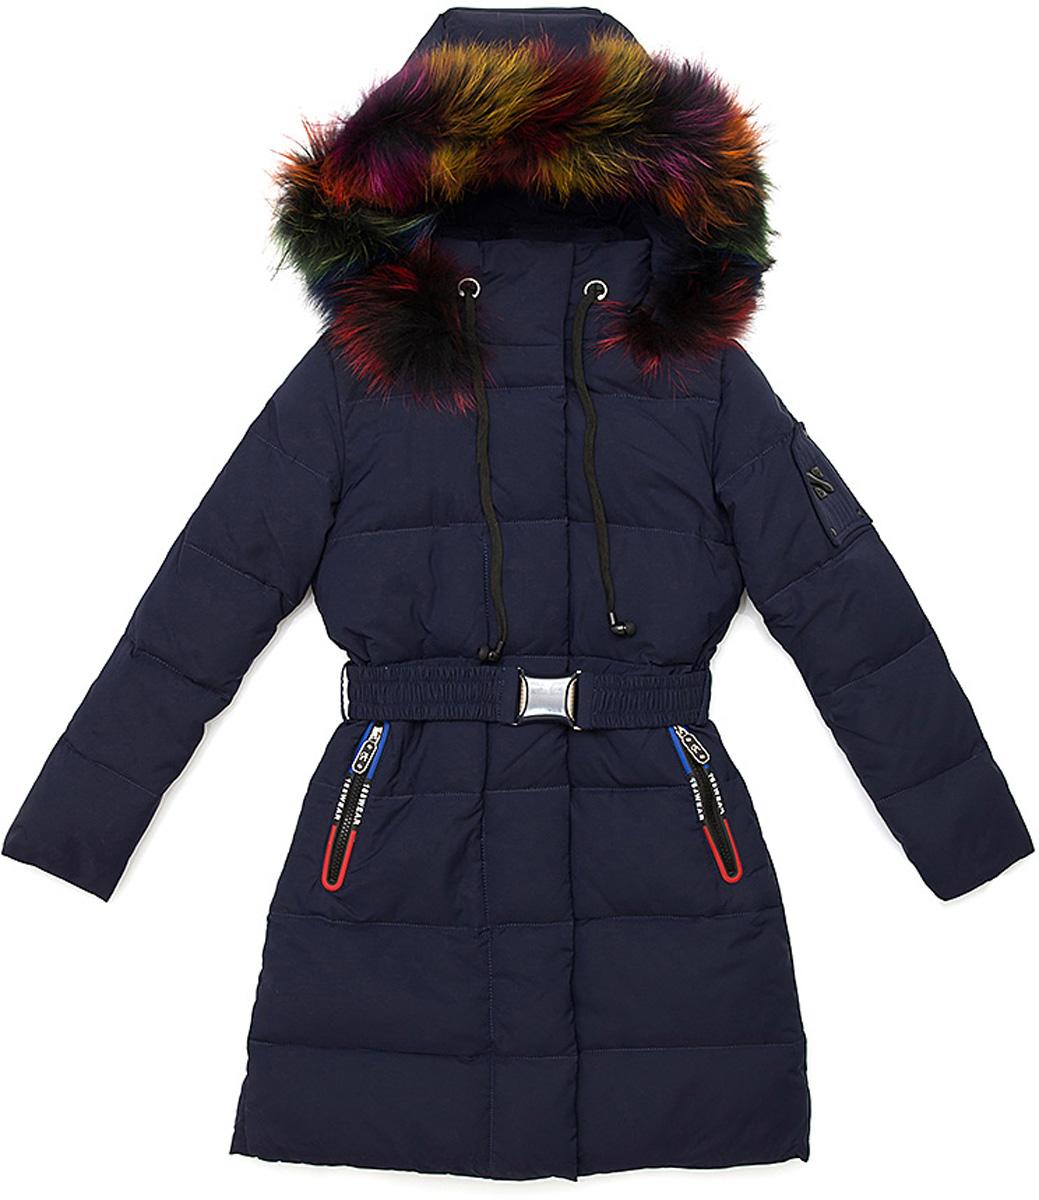 Куртка для девочки Vitacci, цвет: синий. 2171462-04. Размер 1302171462-04Удлиненная куртка-пальто для девочки Vitacci, изготовленная из полиэстера, станет стильнымдополнением к детскому гардеробу.Подкладка выполнена из полиэстера и дополнительно утеплена флисом по спинке. В качестве утеплителя используется биопух.Модель застегивается на пластиковую застежку-молнию. Имеет ветрозащитную планку и съемный капюшон с отделкой из натурального разноцветного меха. Спереди расположены два кармана на молнии. На талии куртка дополнена шлевками для ремня и эластичным пояском на металлической застежке, благодаря которому она плотно прилегает к телу.Температурный режим от -10 до -25 градусов.Теплая, удобная и практичная куртка идеально подойдет юной моднице для прогулок!